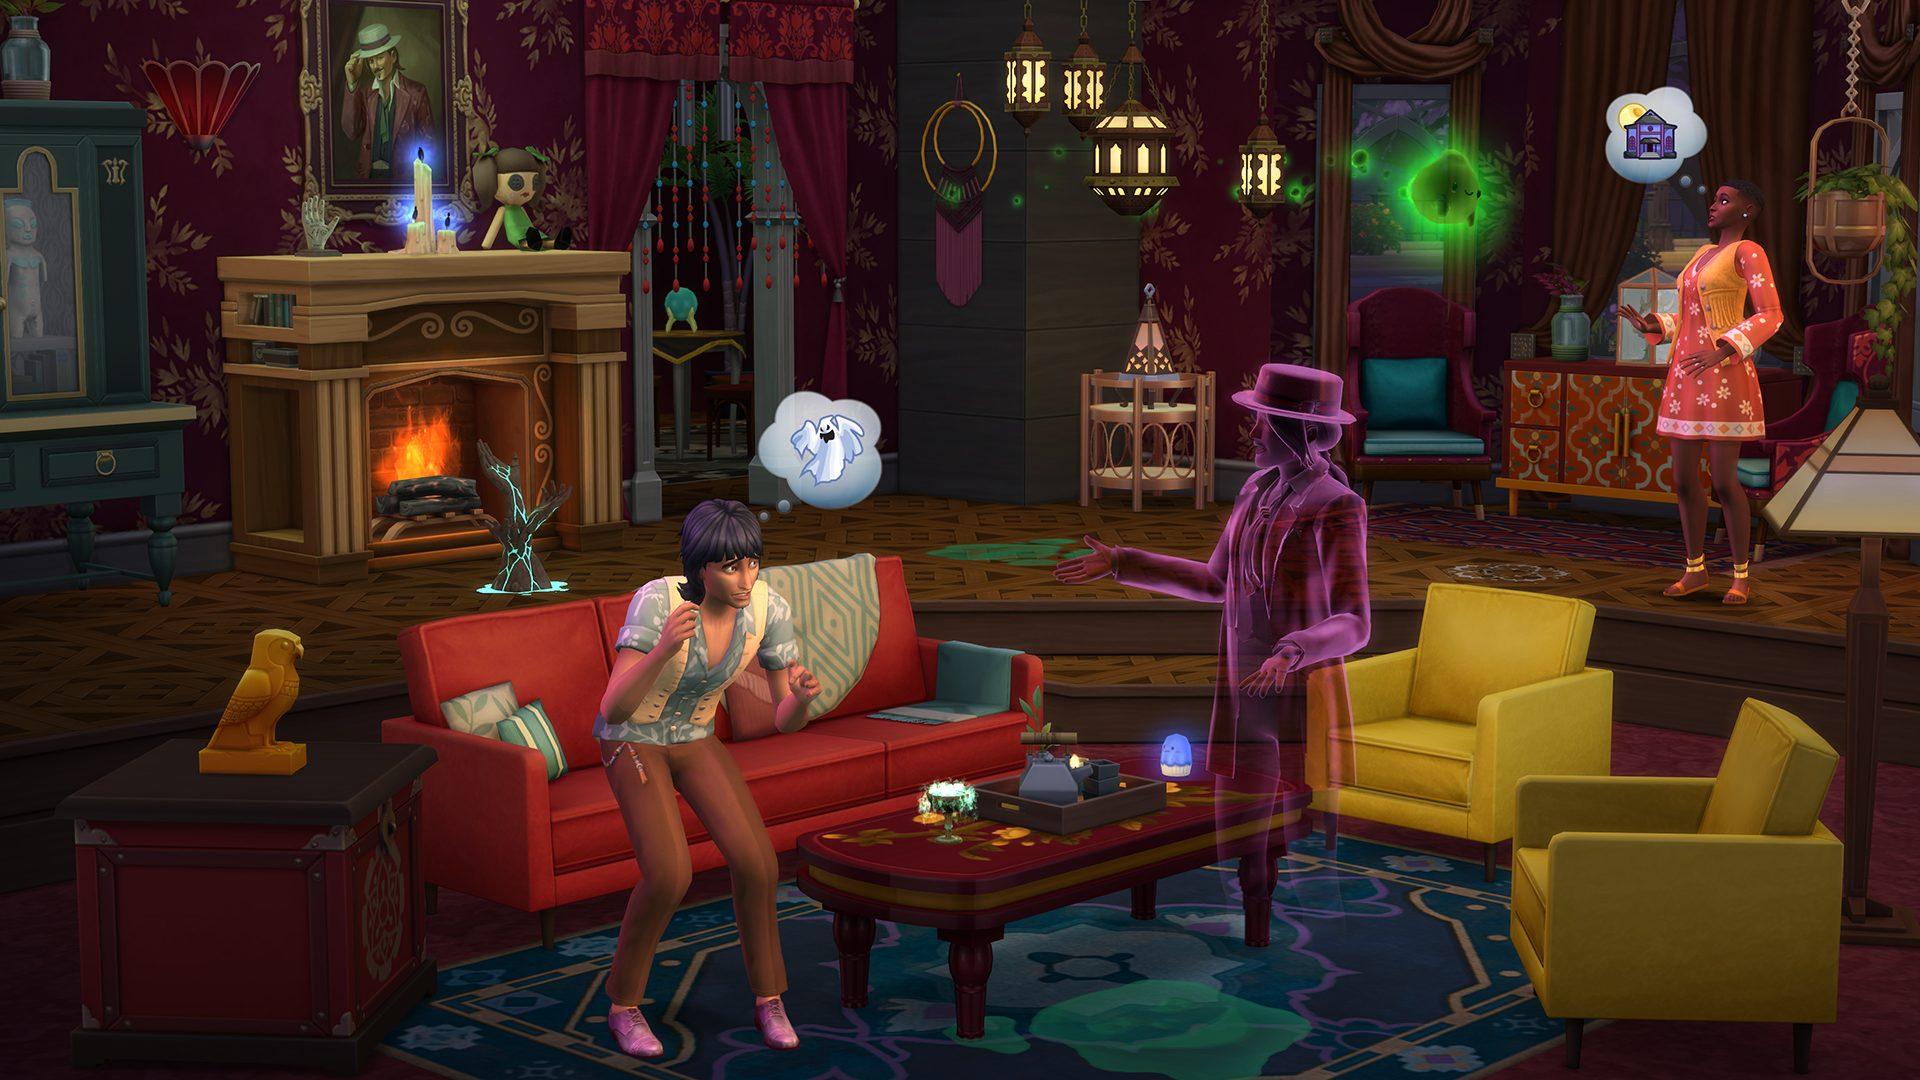 [Blog] The Sims 4 Fenomeni Paranormali Stuff tra abilità di medium e acchiappafantasmi